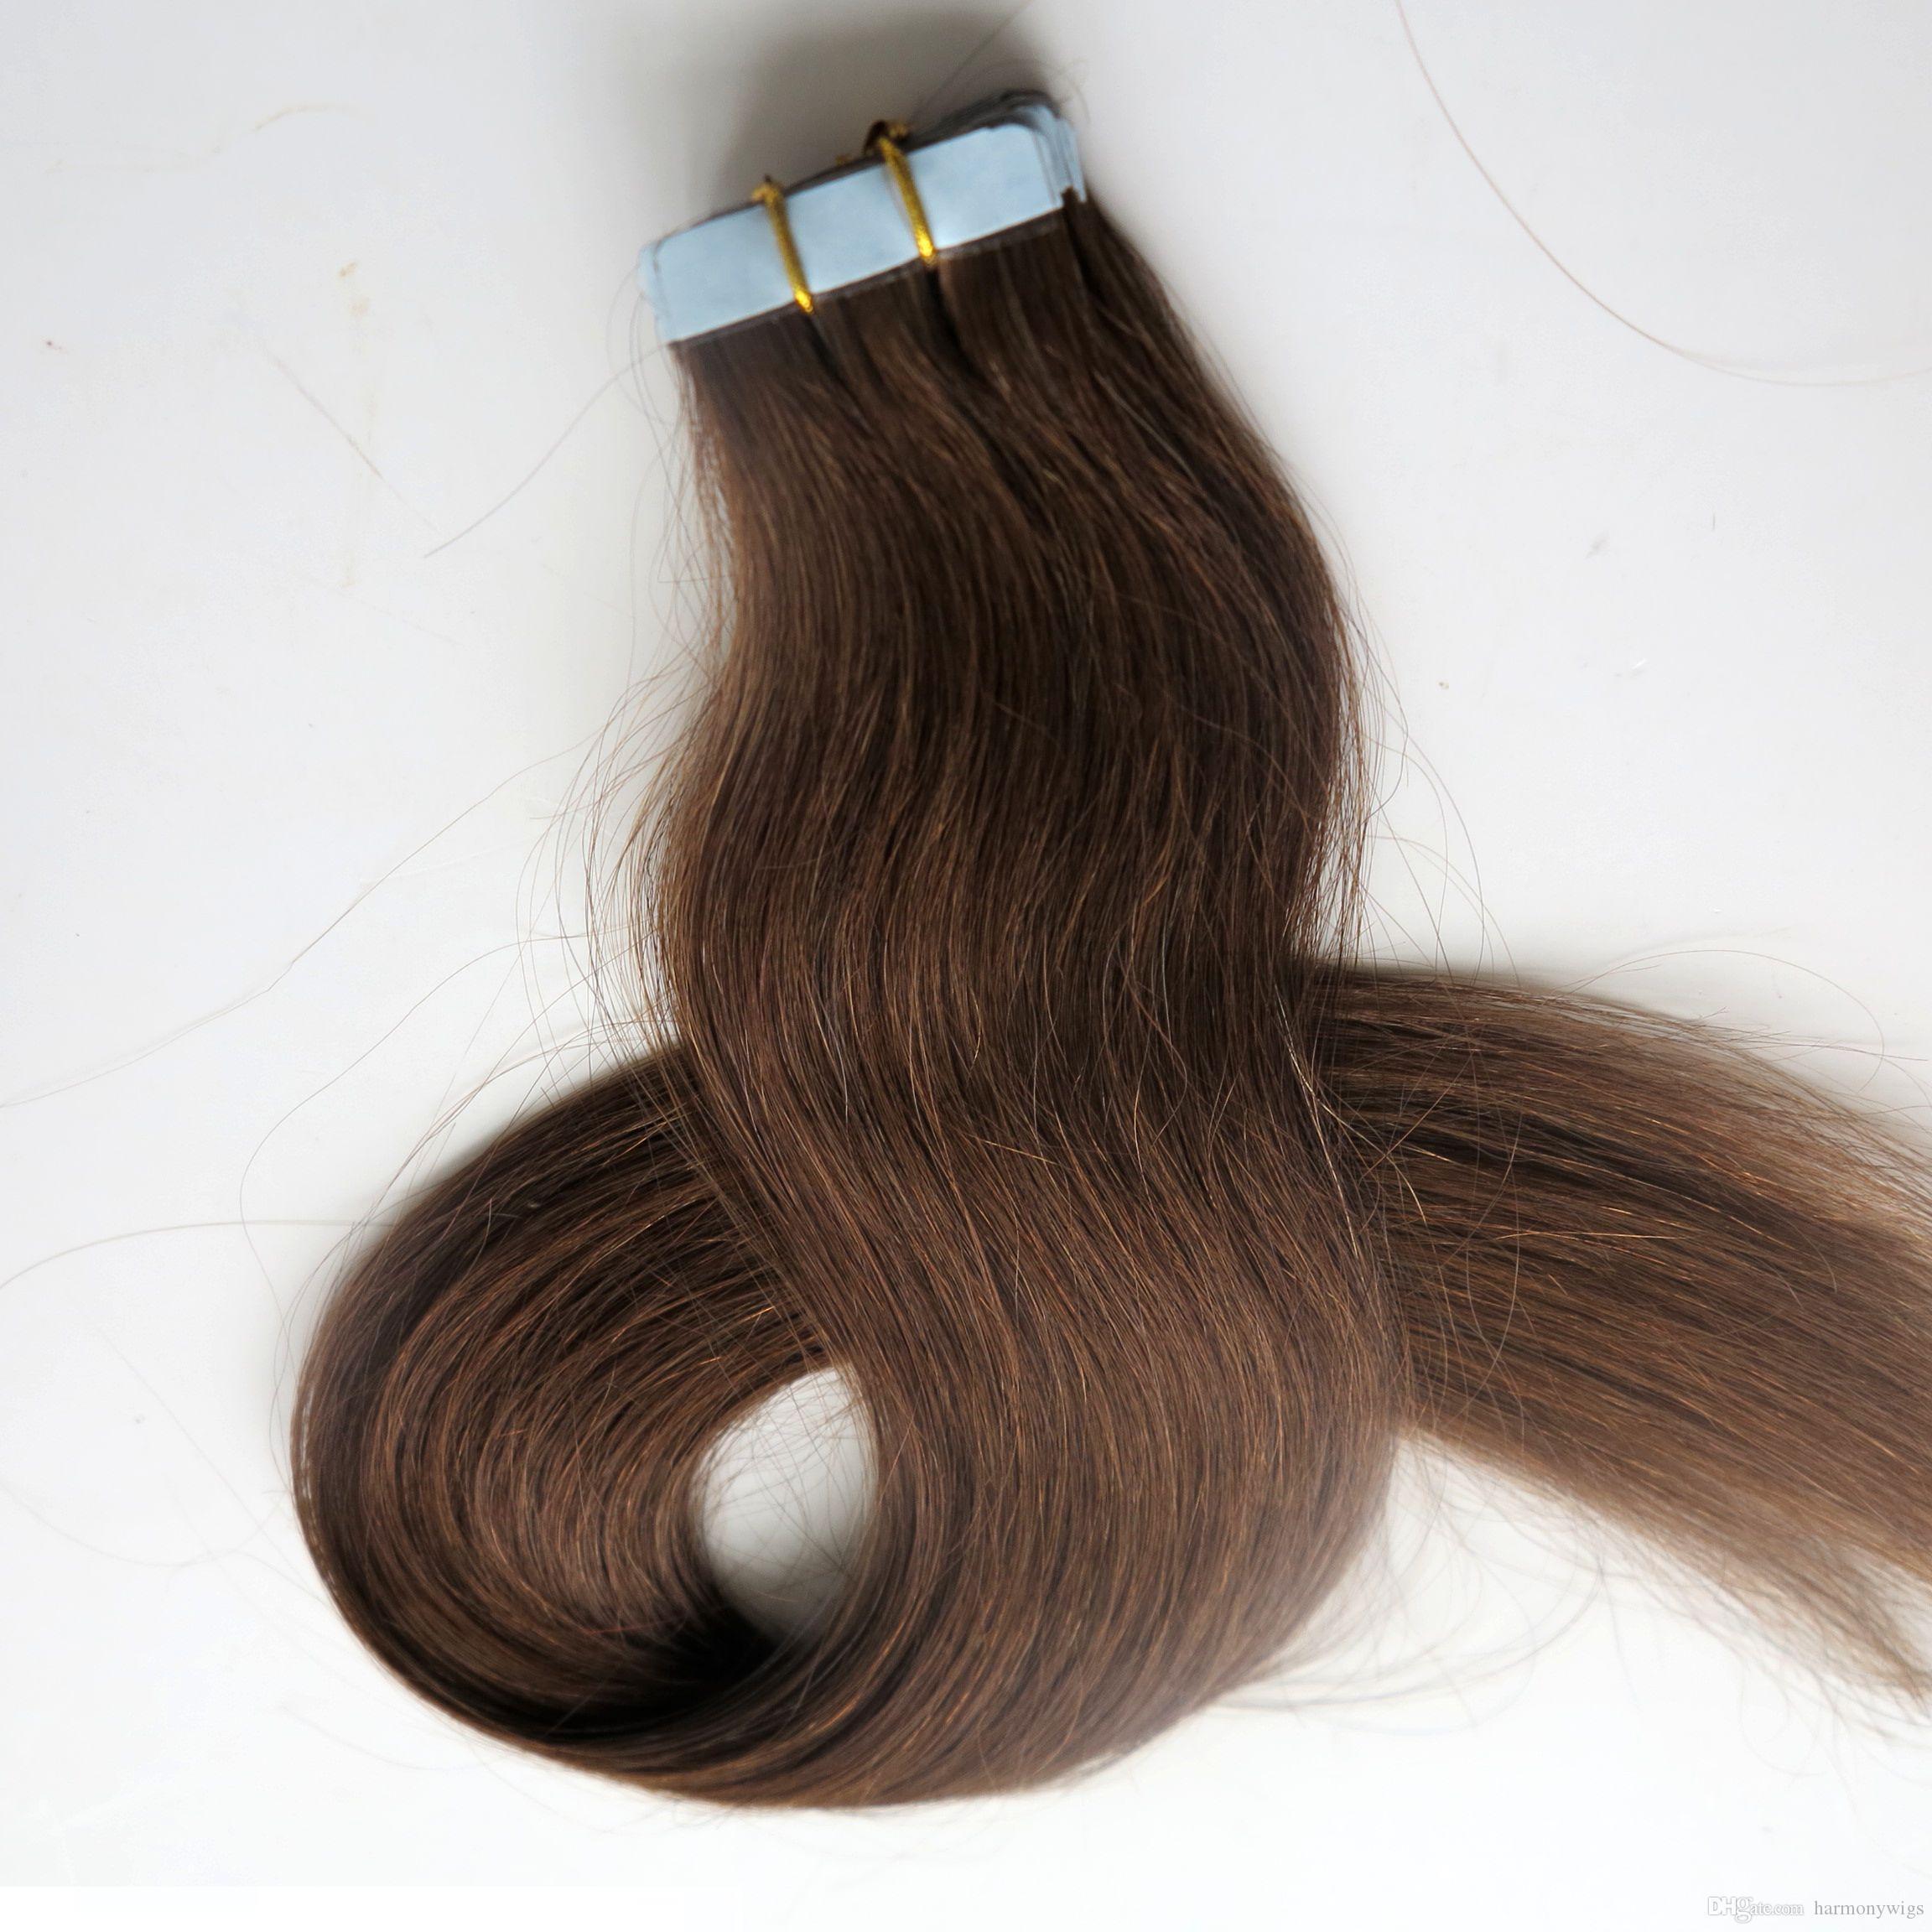 Высокое качество 50 г 20шт лента в наращивание волос клей утка кожи бразильский Индийский человеческие волосы 18 20 22 24 дюйма #4 темно-коричневый